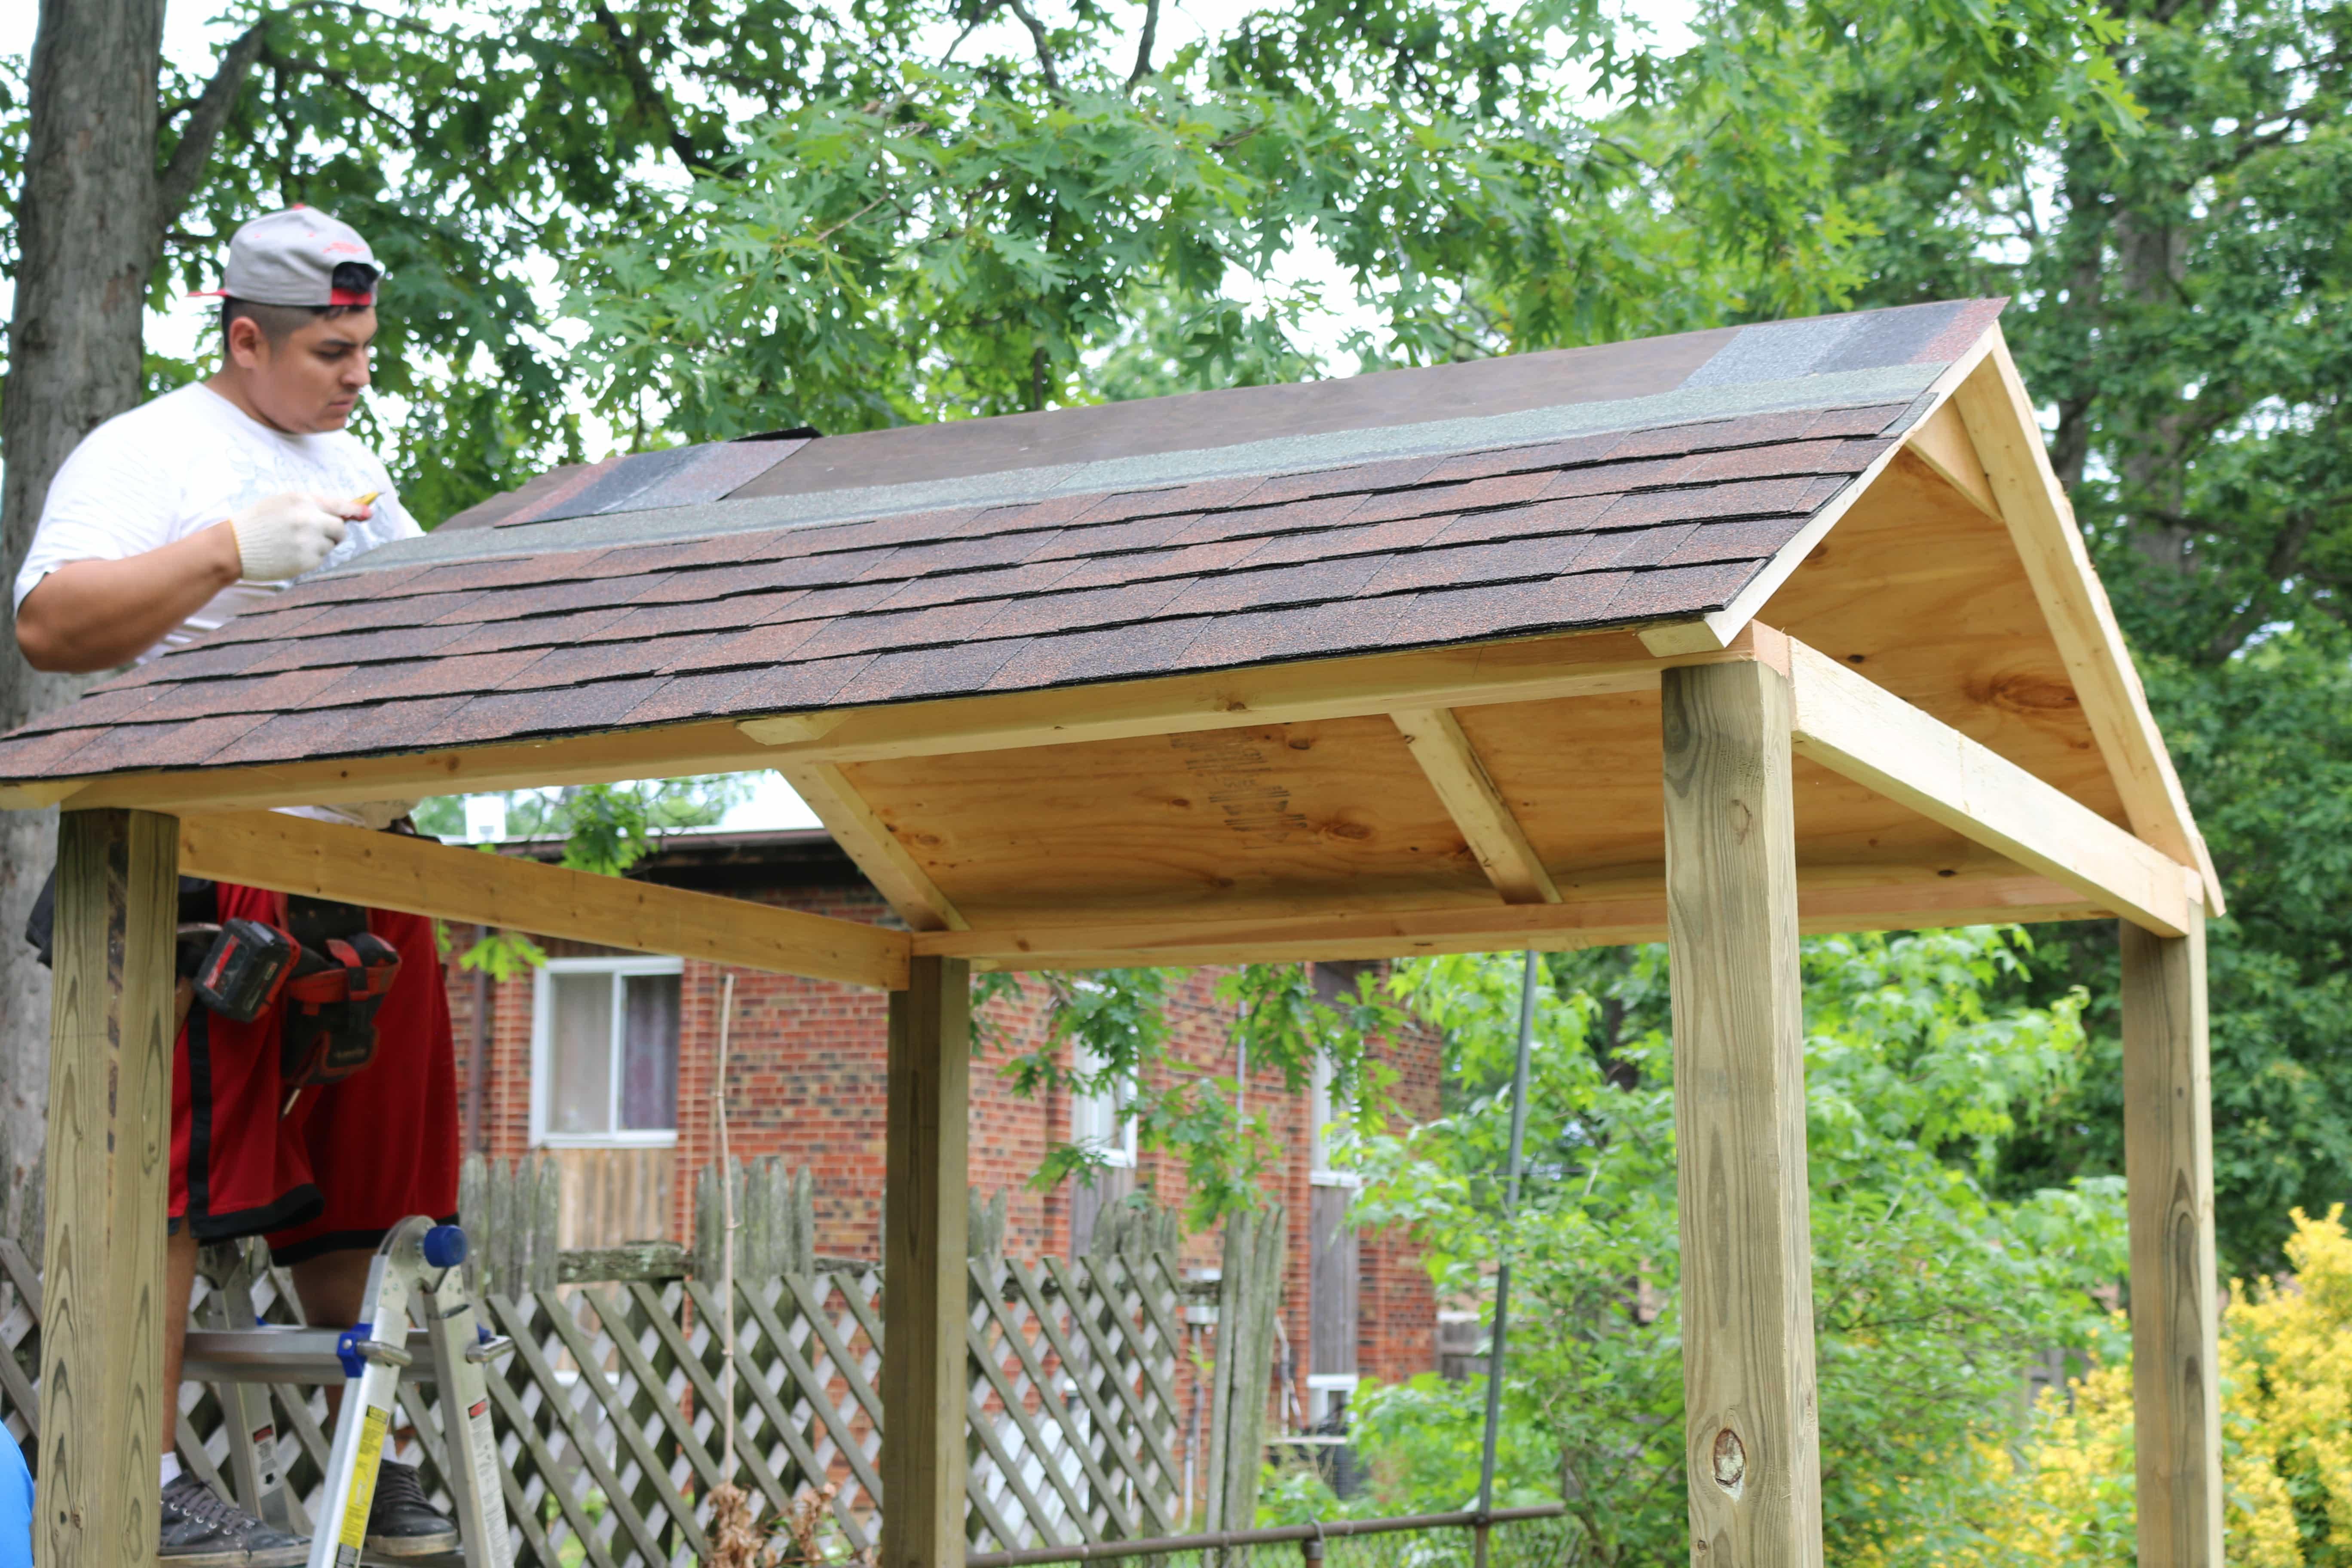 6 - Cómo construir una casita de juegos para el jardín